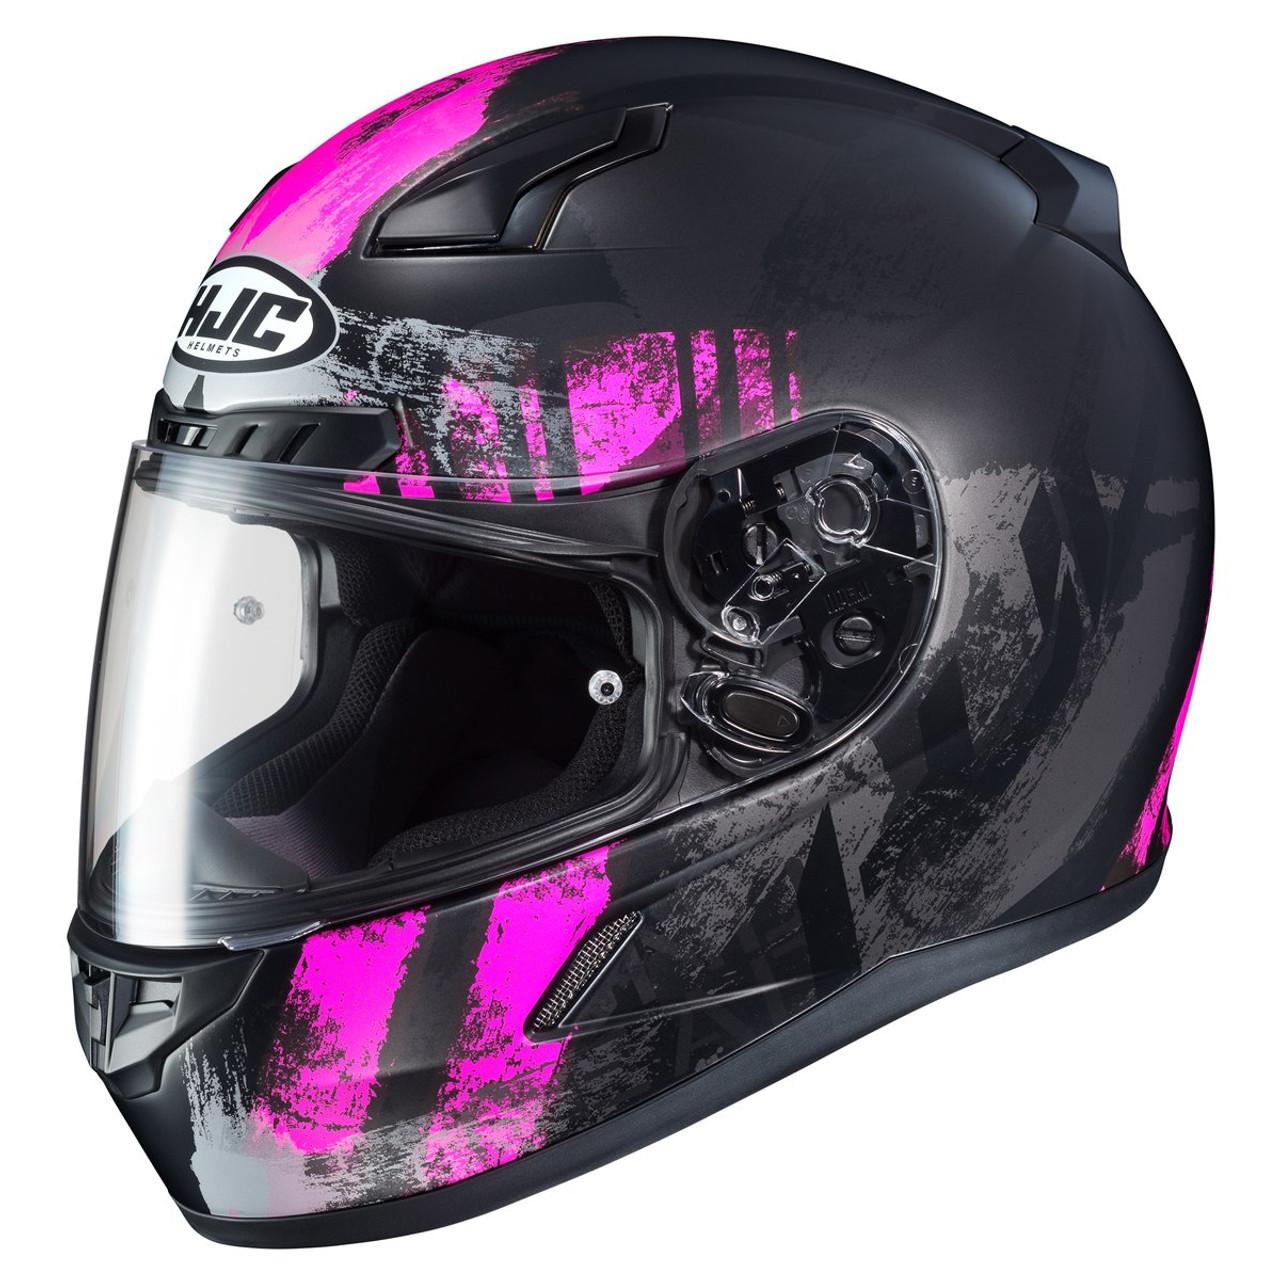 f76234e5 HJC Women's CL-17 Arica Helmet - Team Motorcycle